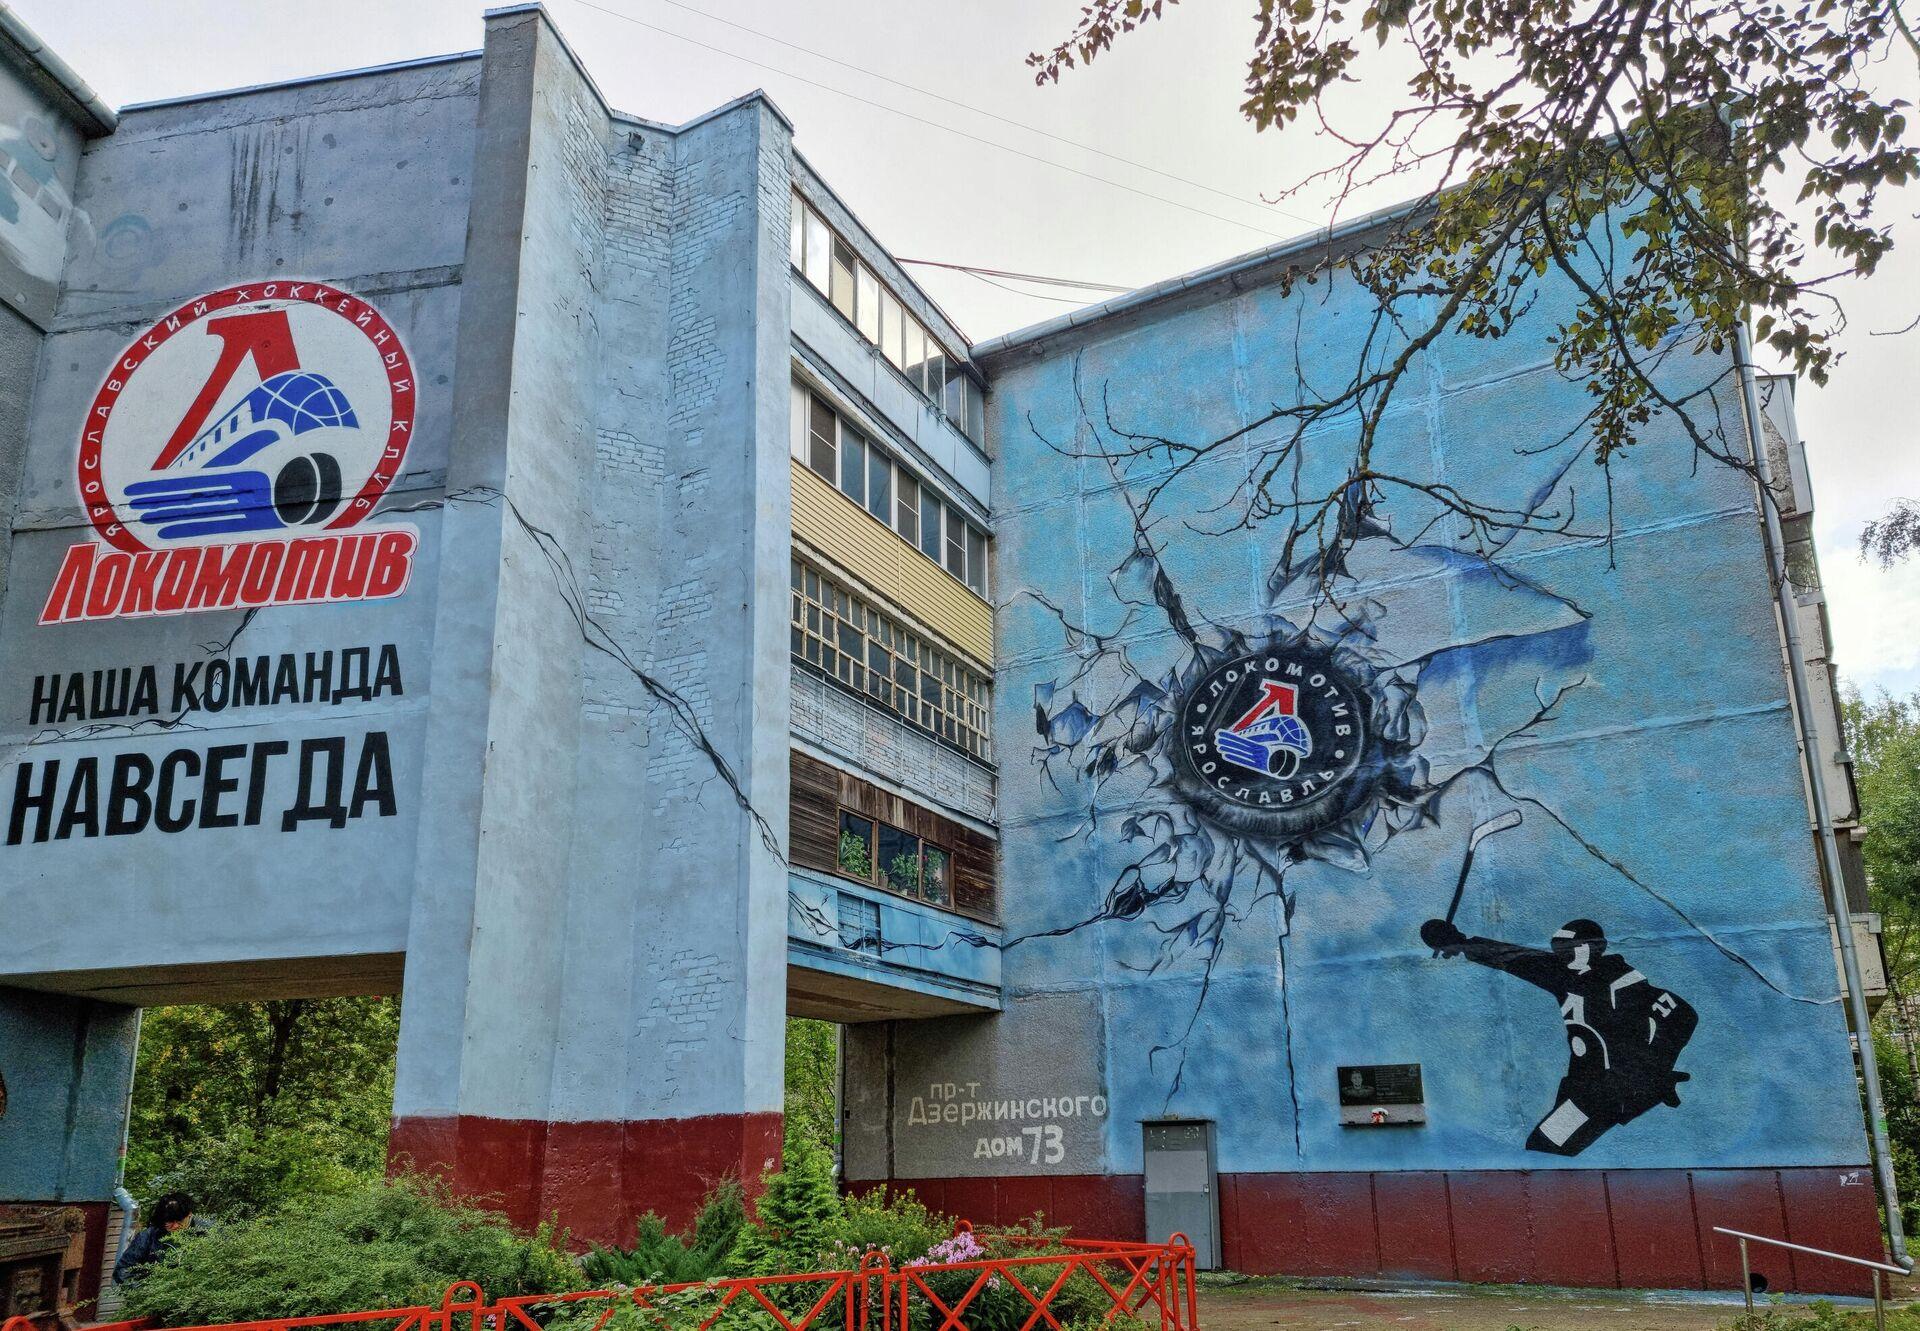 Дом в Ярославле, где жил бывший хоккеист Локомотива Иван Ткаченко - РИА Новости, 1920, 05.09.2021